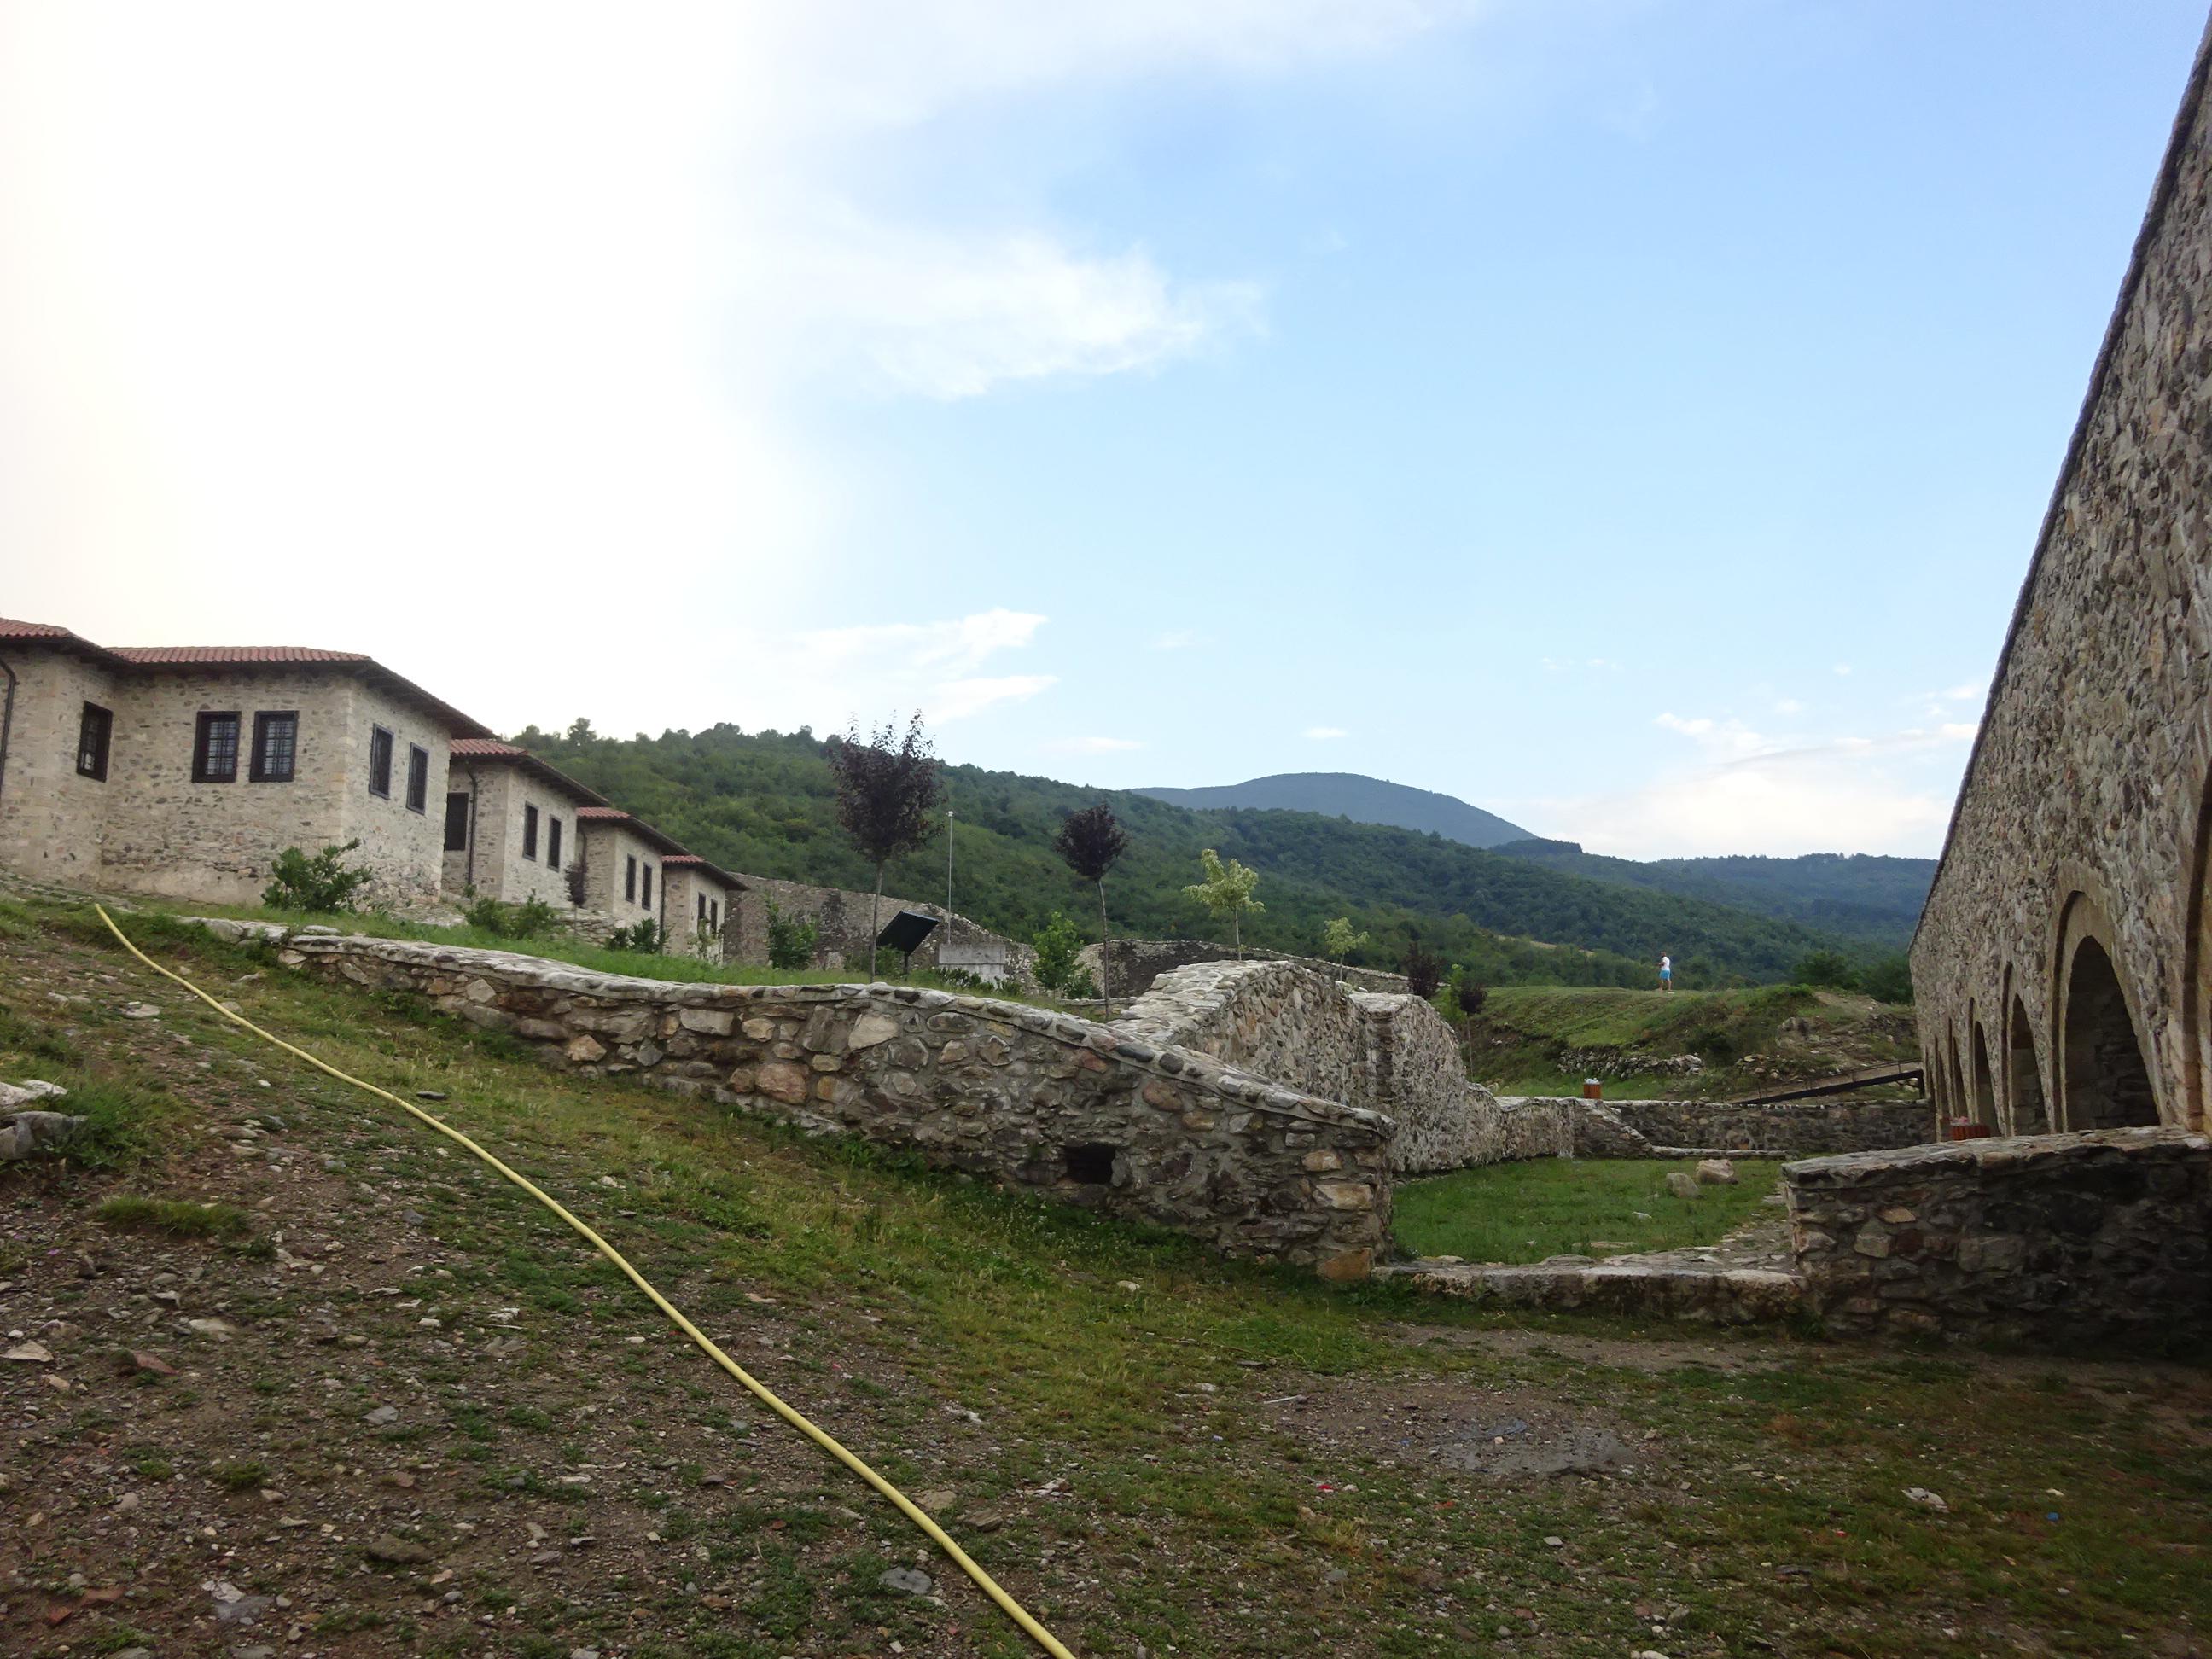 プリズレンの観光「プリズレン要塞」の中の様子